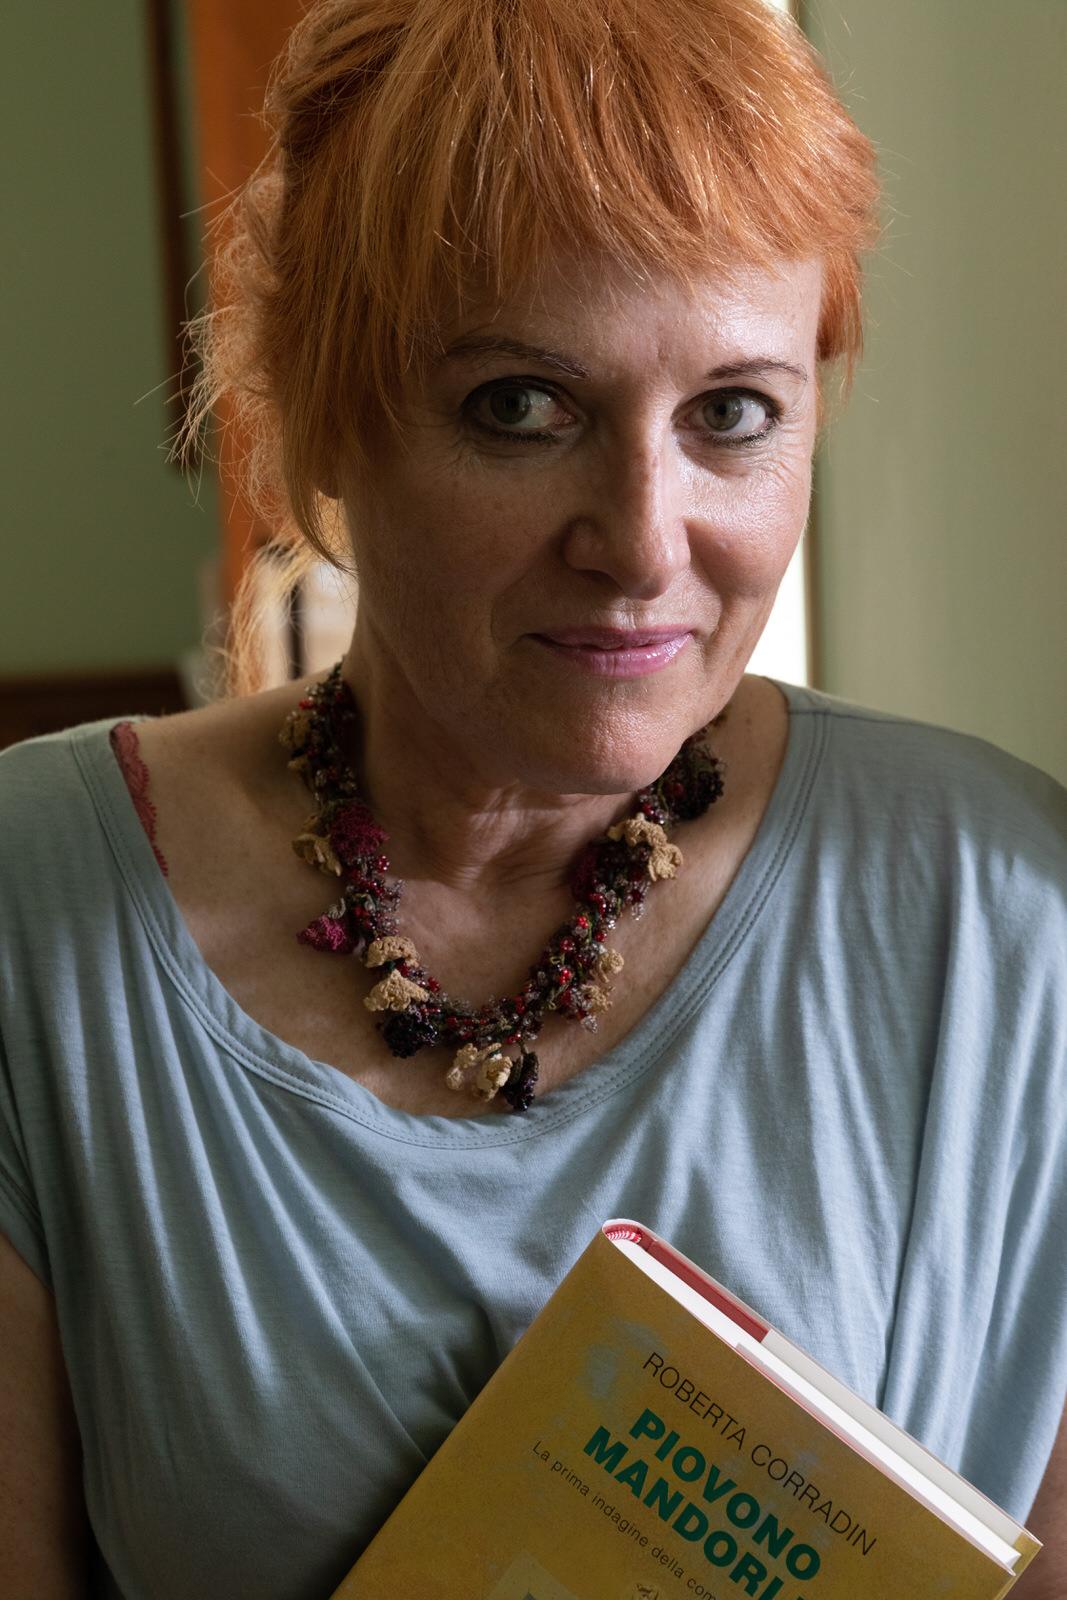 Roberta Corradin